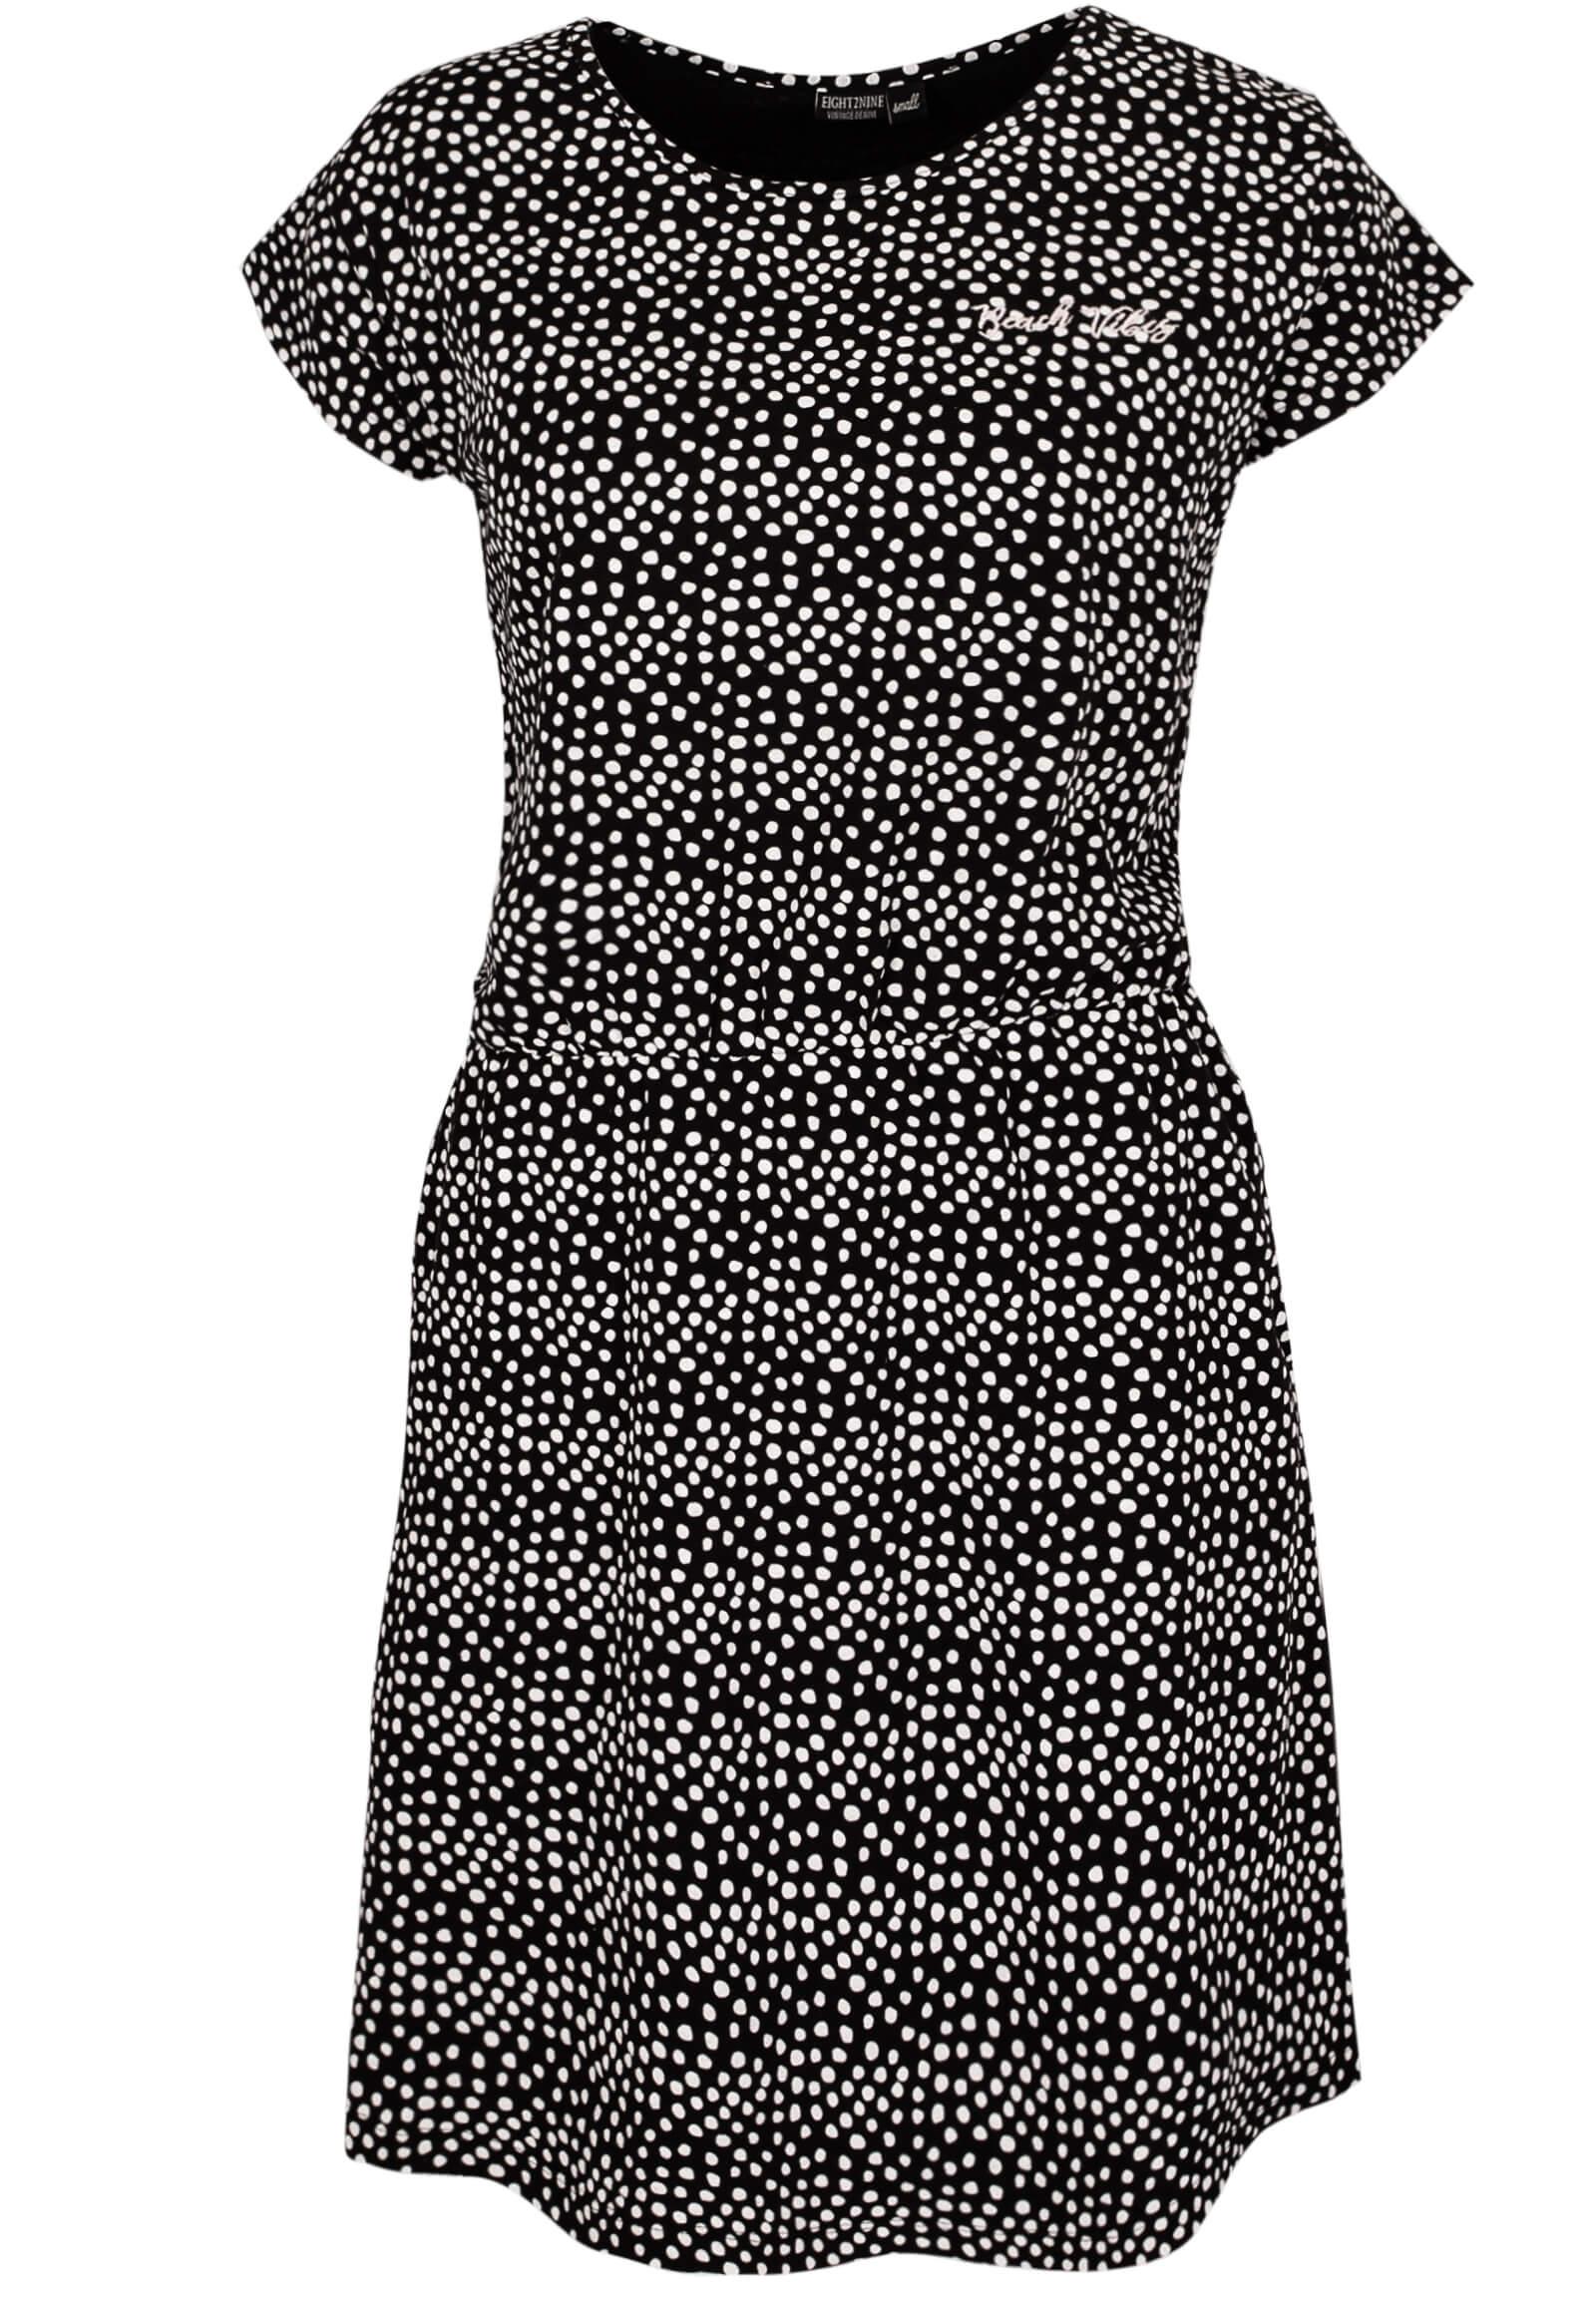 lockeres schwarz-weiß gepunktetes Kleid